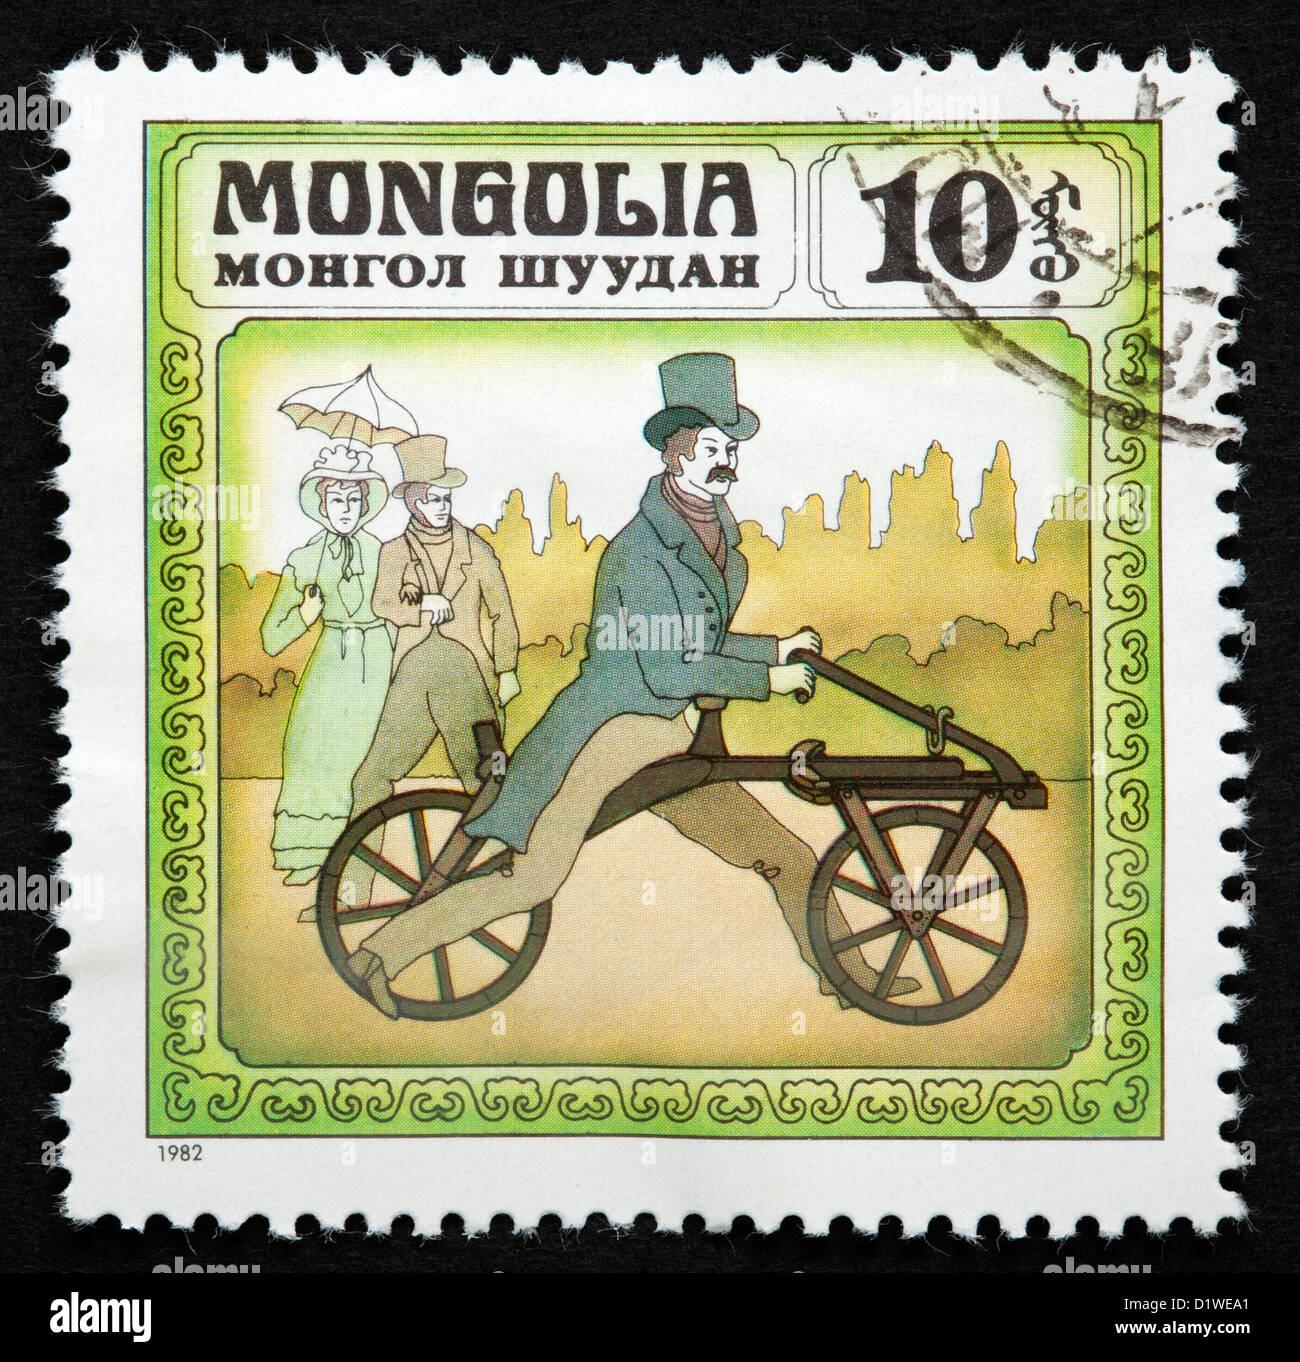 Mongolia postage stamp - Stock Image